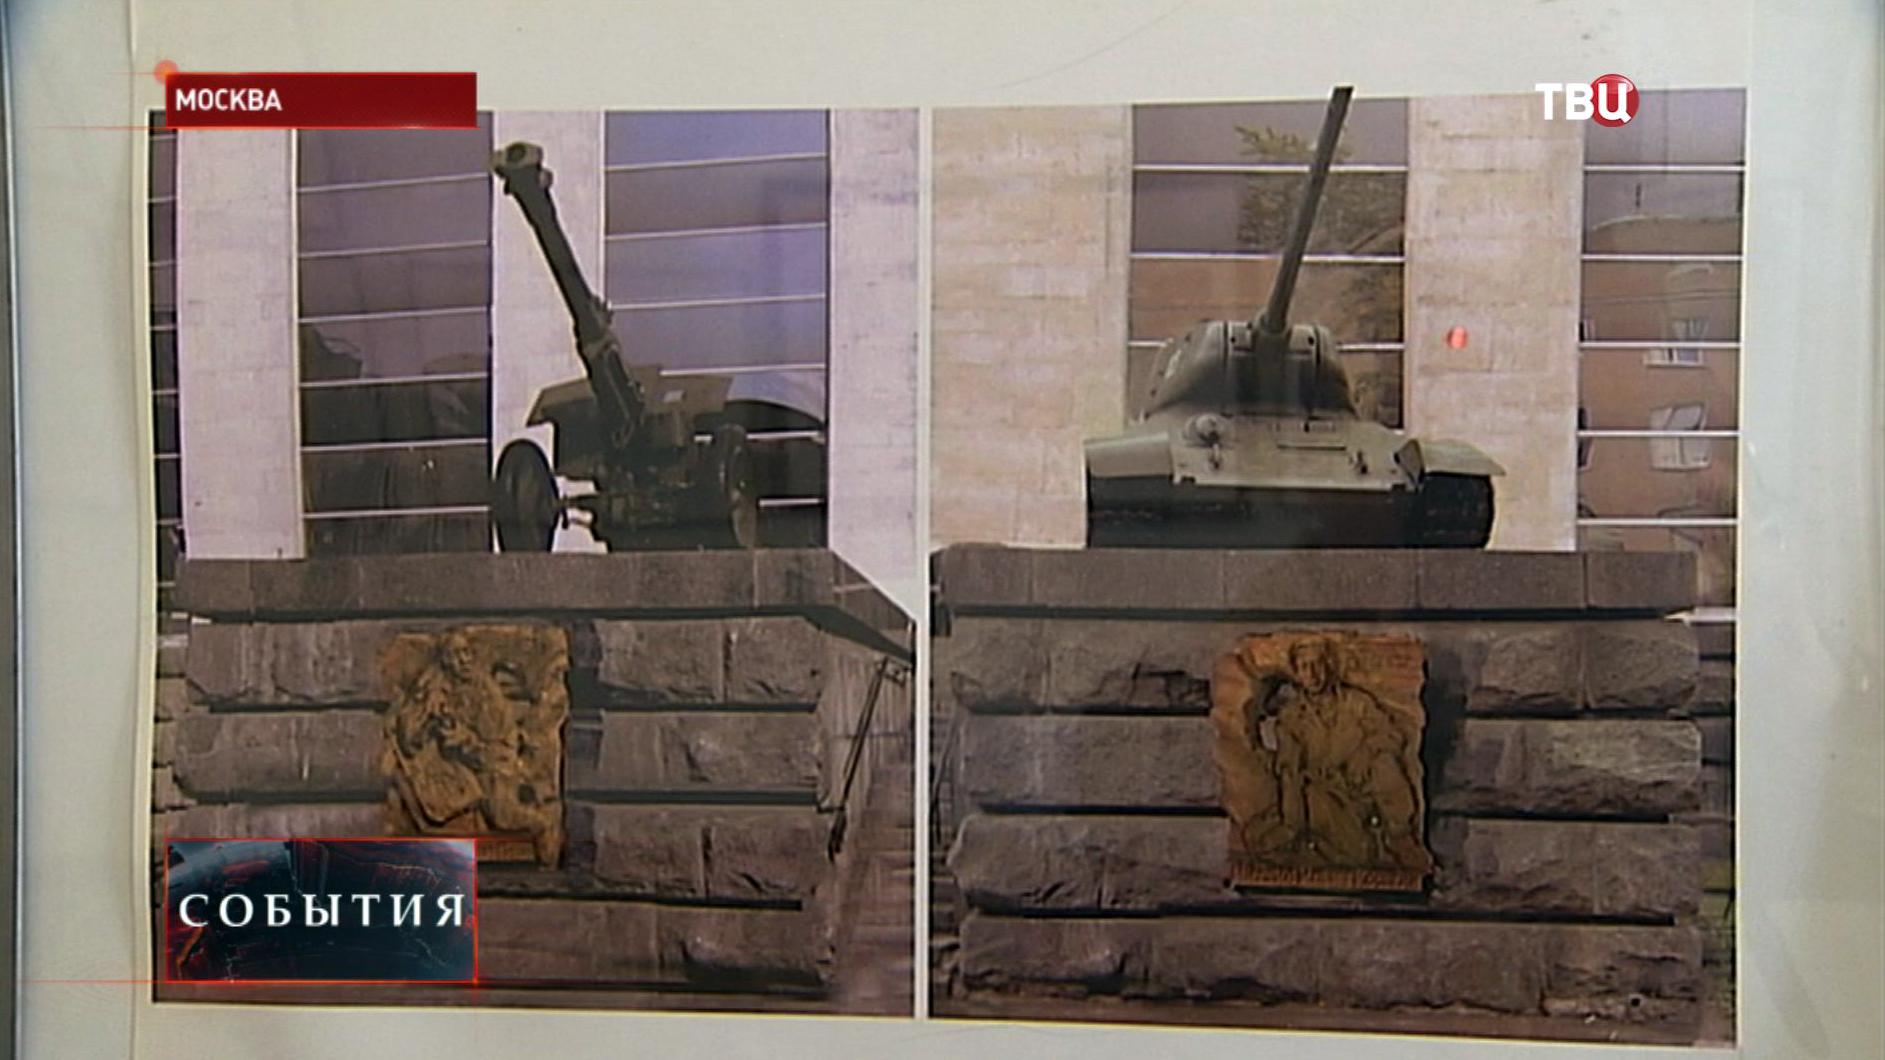 Военная техника у входа в Центральный музей Вооружённых Сил